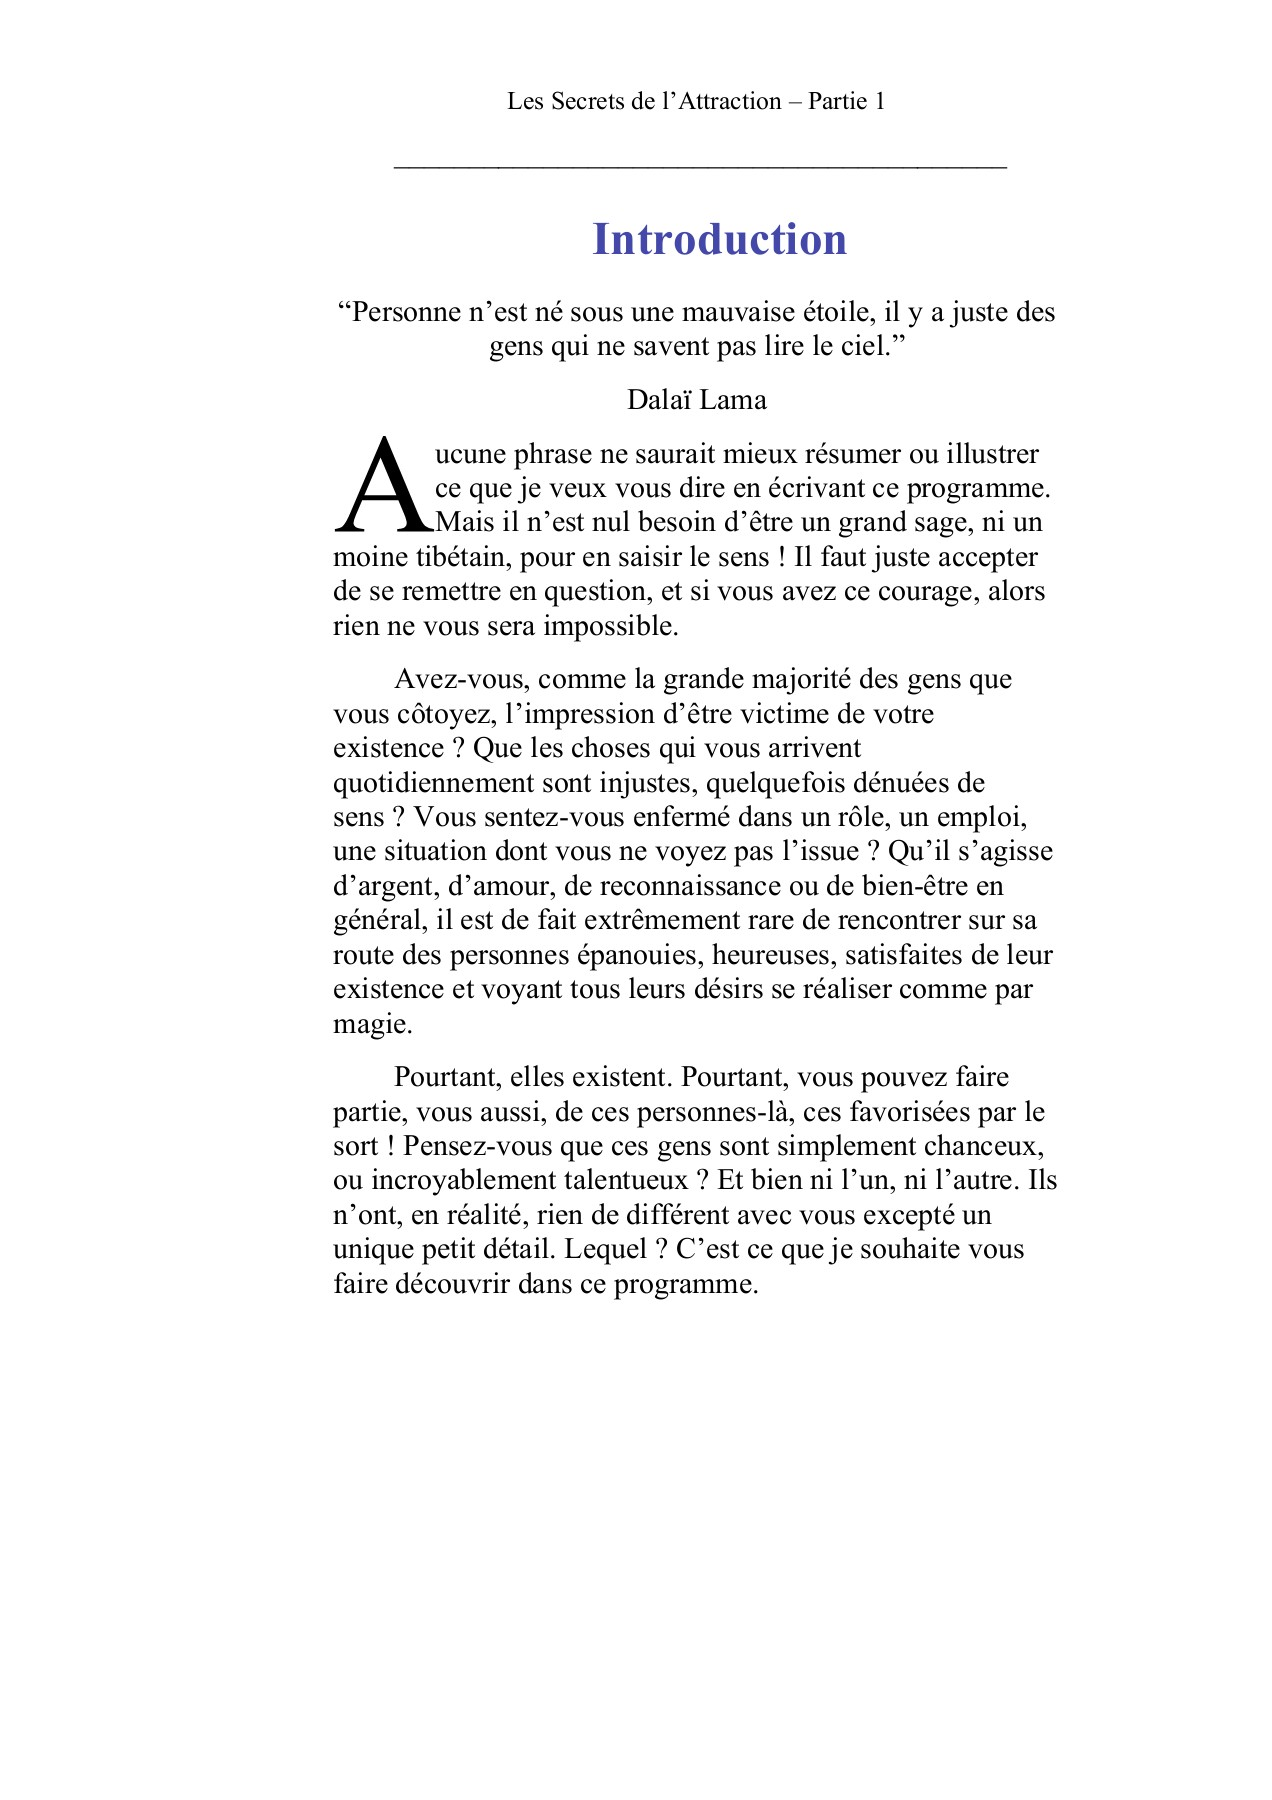 La Loi De L'attraction Pdf : l'attraction, Secrets, L'Attraction, Livre, Christian, Godefroy, Ligne, Télécharger, Programme, Maintenant, Avis!-Flip, EBook, Pages, AnyFlip